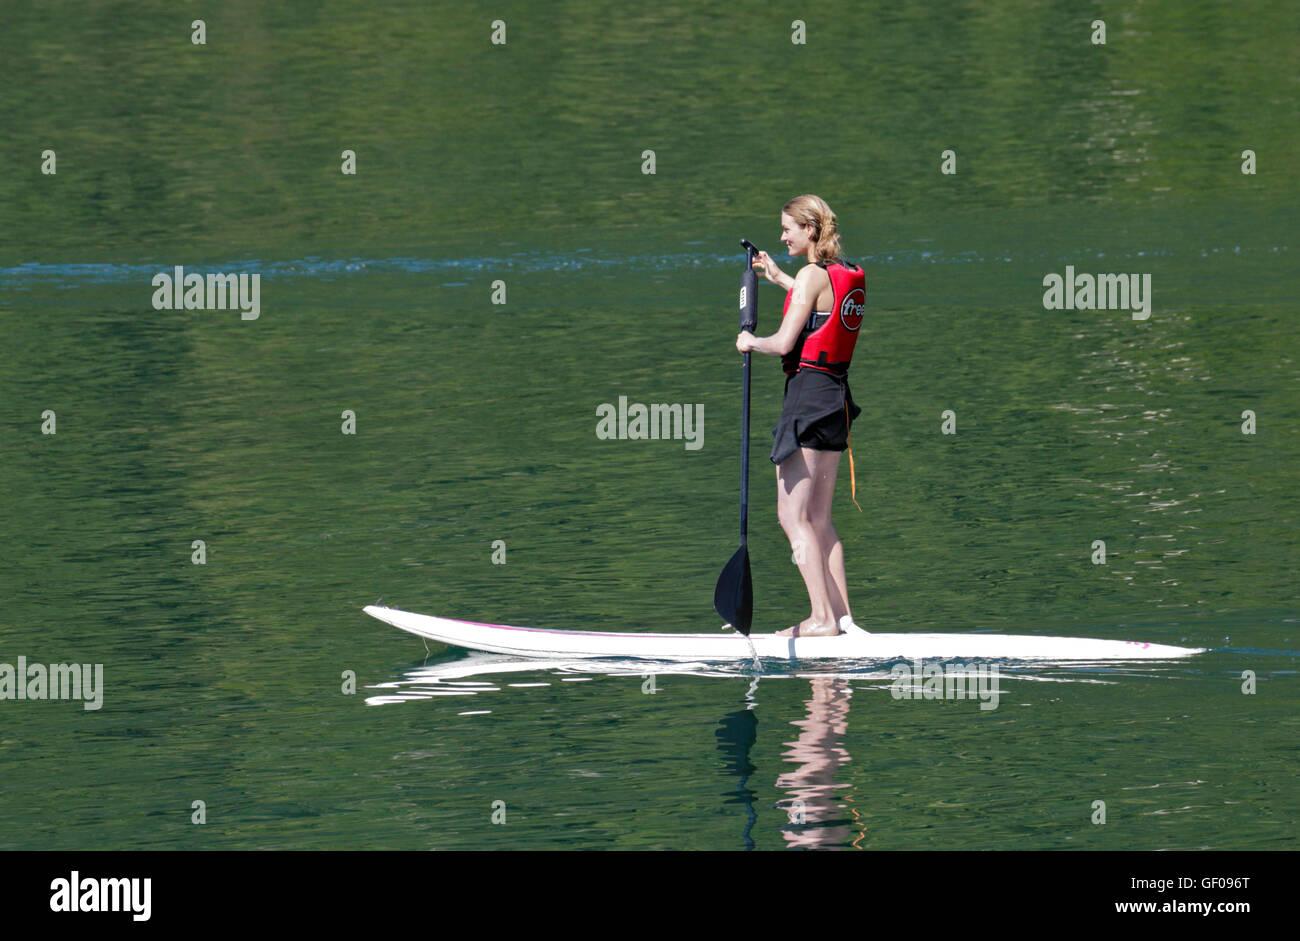 Ragazza di Paddleboard, lago d Idro, Italia Immagini Stock